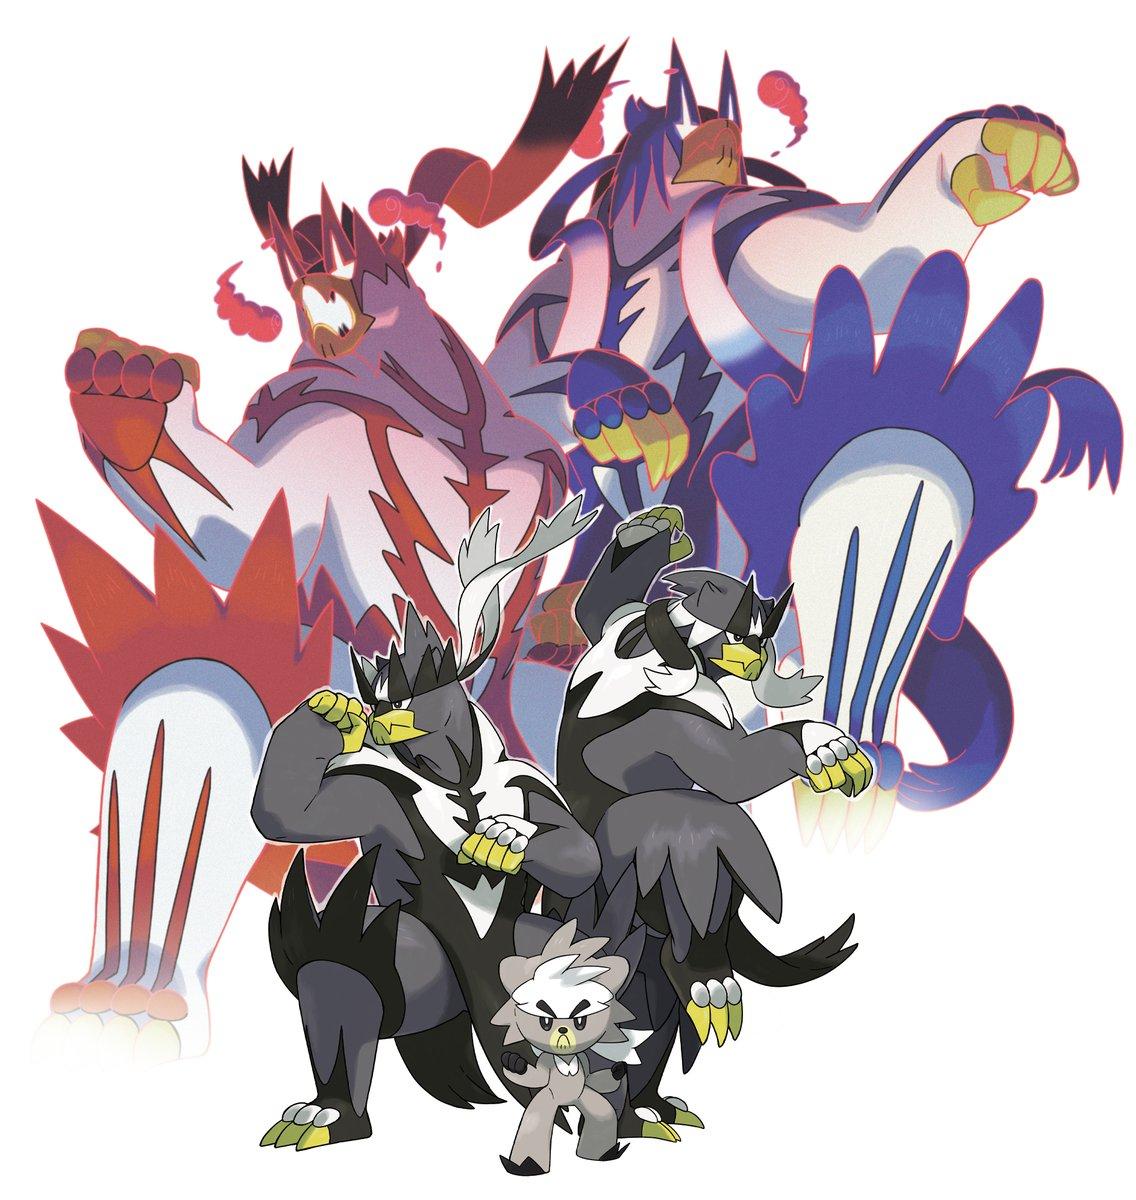 ゲームフリークさん開発のNintendo Switch用ゲーム『ポケットモンスター ソード・シールド エキスパンションパス』第1弾「鎧の孤島」に登場するポケモン、「ダクマ」「ウーラオス」のデザインとイラストを担当しました。